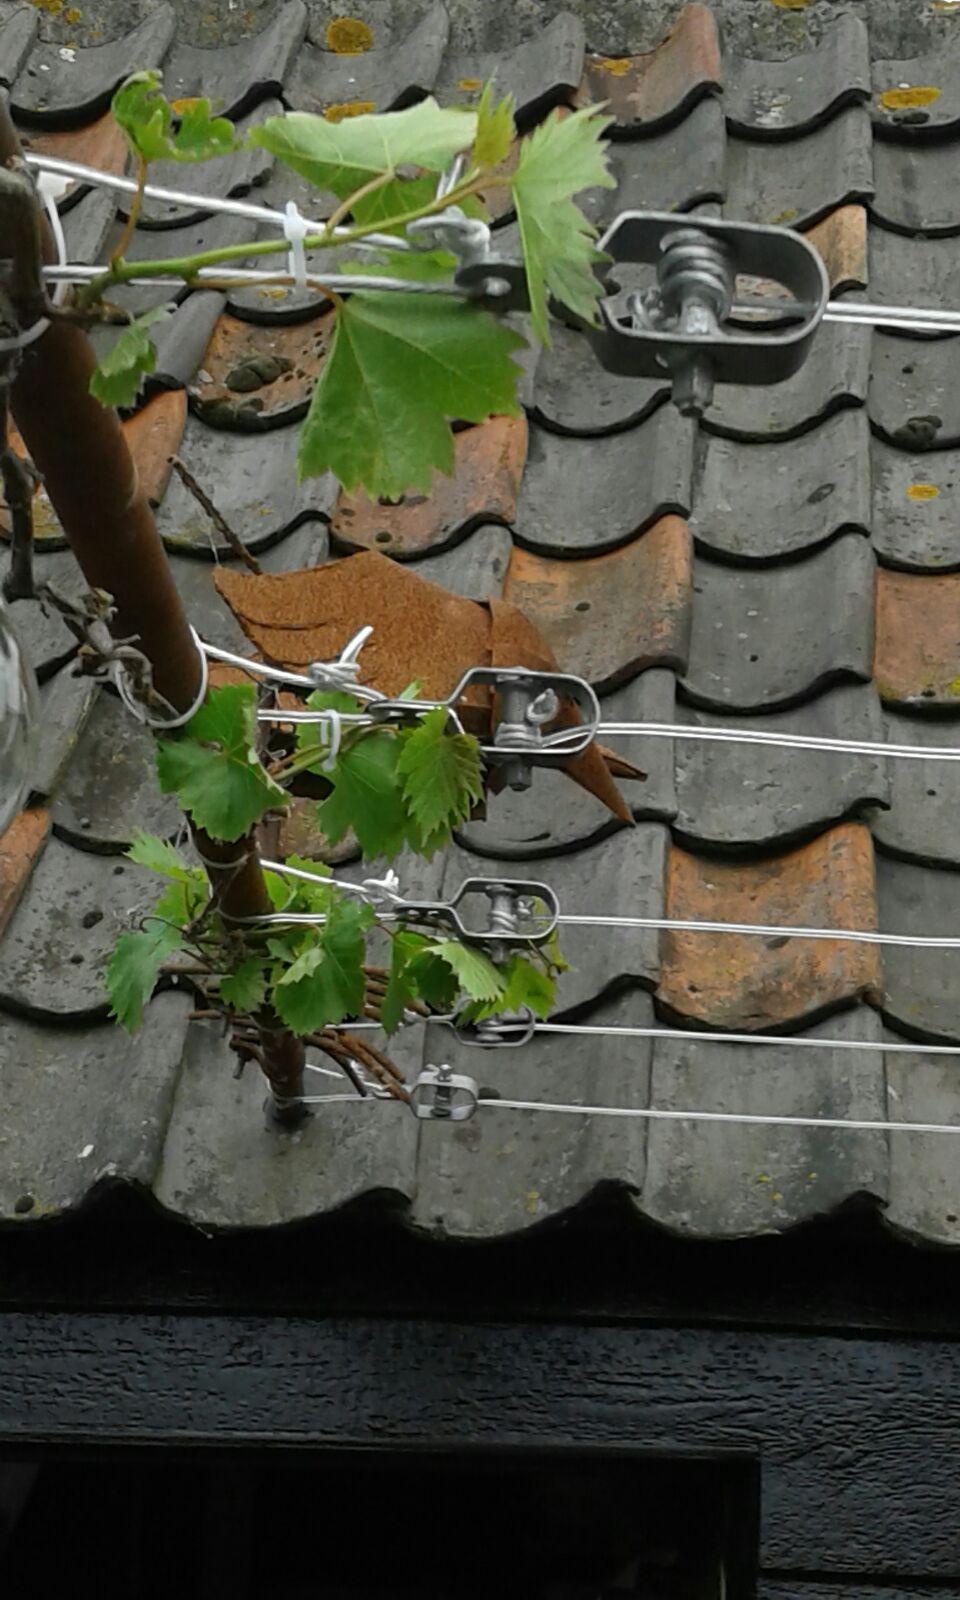 Druiven geleiden over geplastificeerde staalkabel. De draadspanners maken het mogelijk om de kabel steeds op spanning te houden. Arjen maakte gebruik van vuurverzinkte draadspanners voor het geleiden van zijn druiven. Het voordeel van deze spanners is dat als de kabel na verloop van tijd minder strak gaat staan, deze eenvoudig met een sleuteltje op spanning gebracht kan worden. Wij wensen Arjen een grote opbrengst!  Hier de link naar de draadspanners…